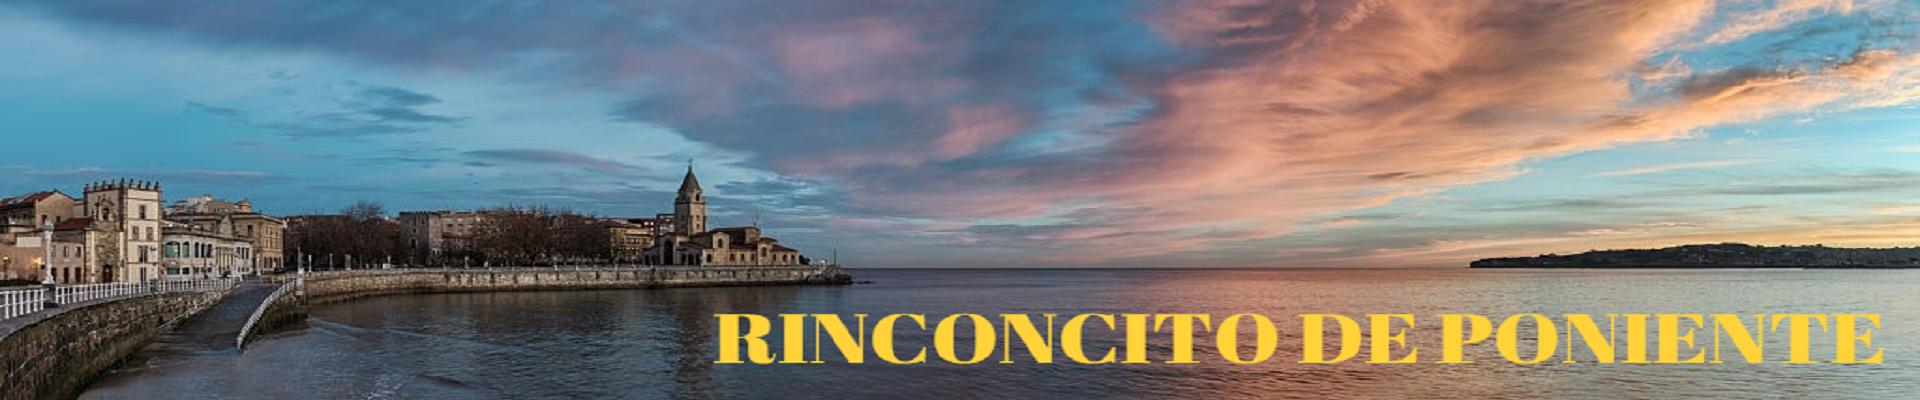 Apartamento turístico Rinconcito de Poniente – Gijón